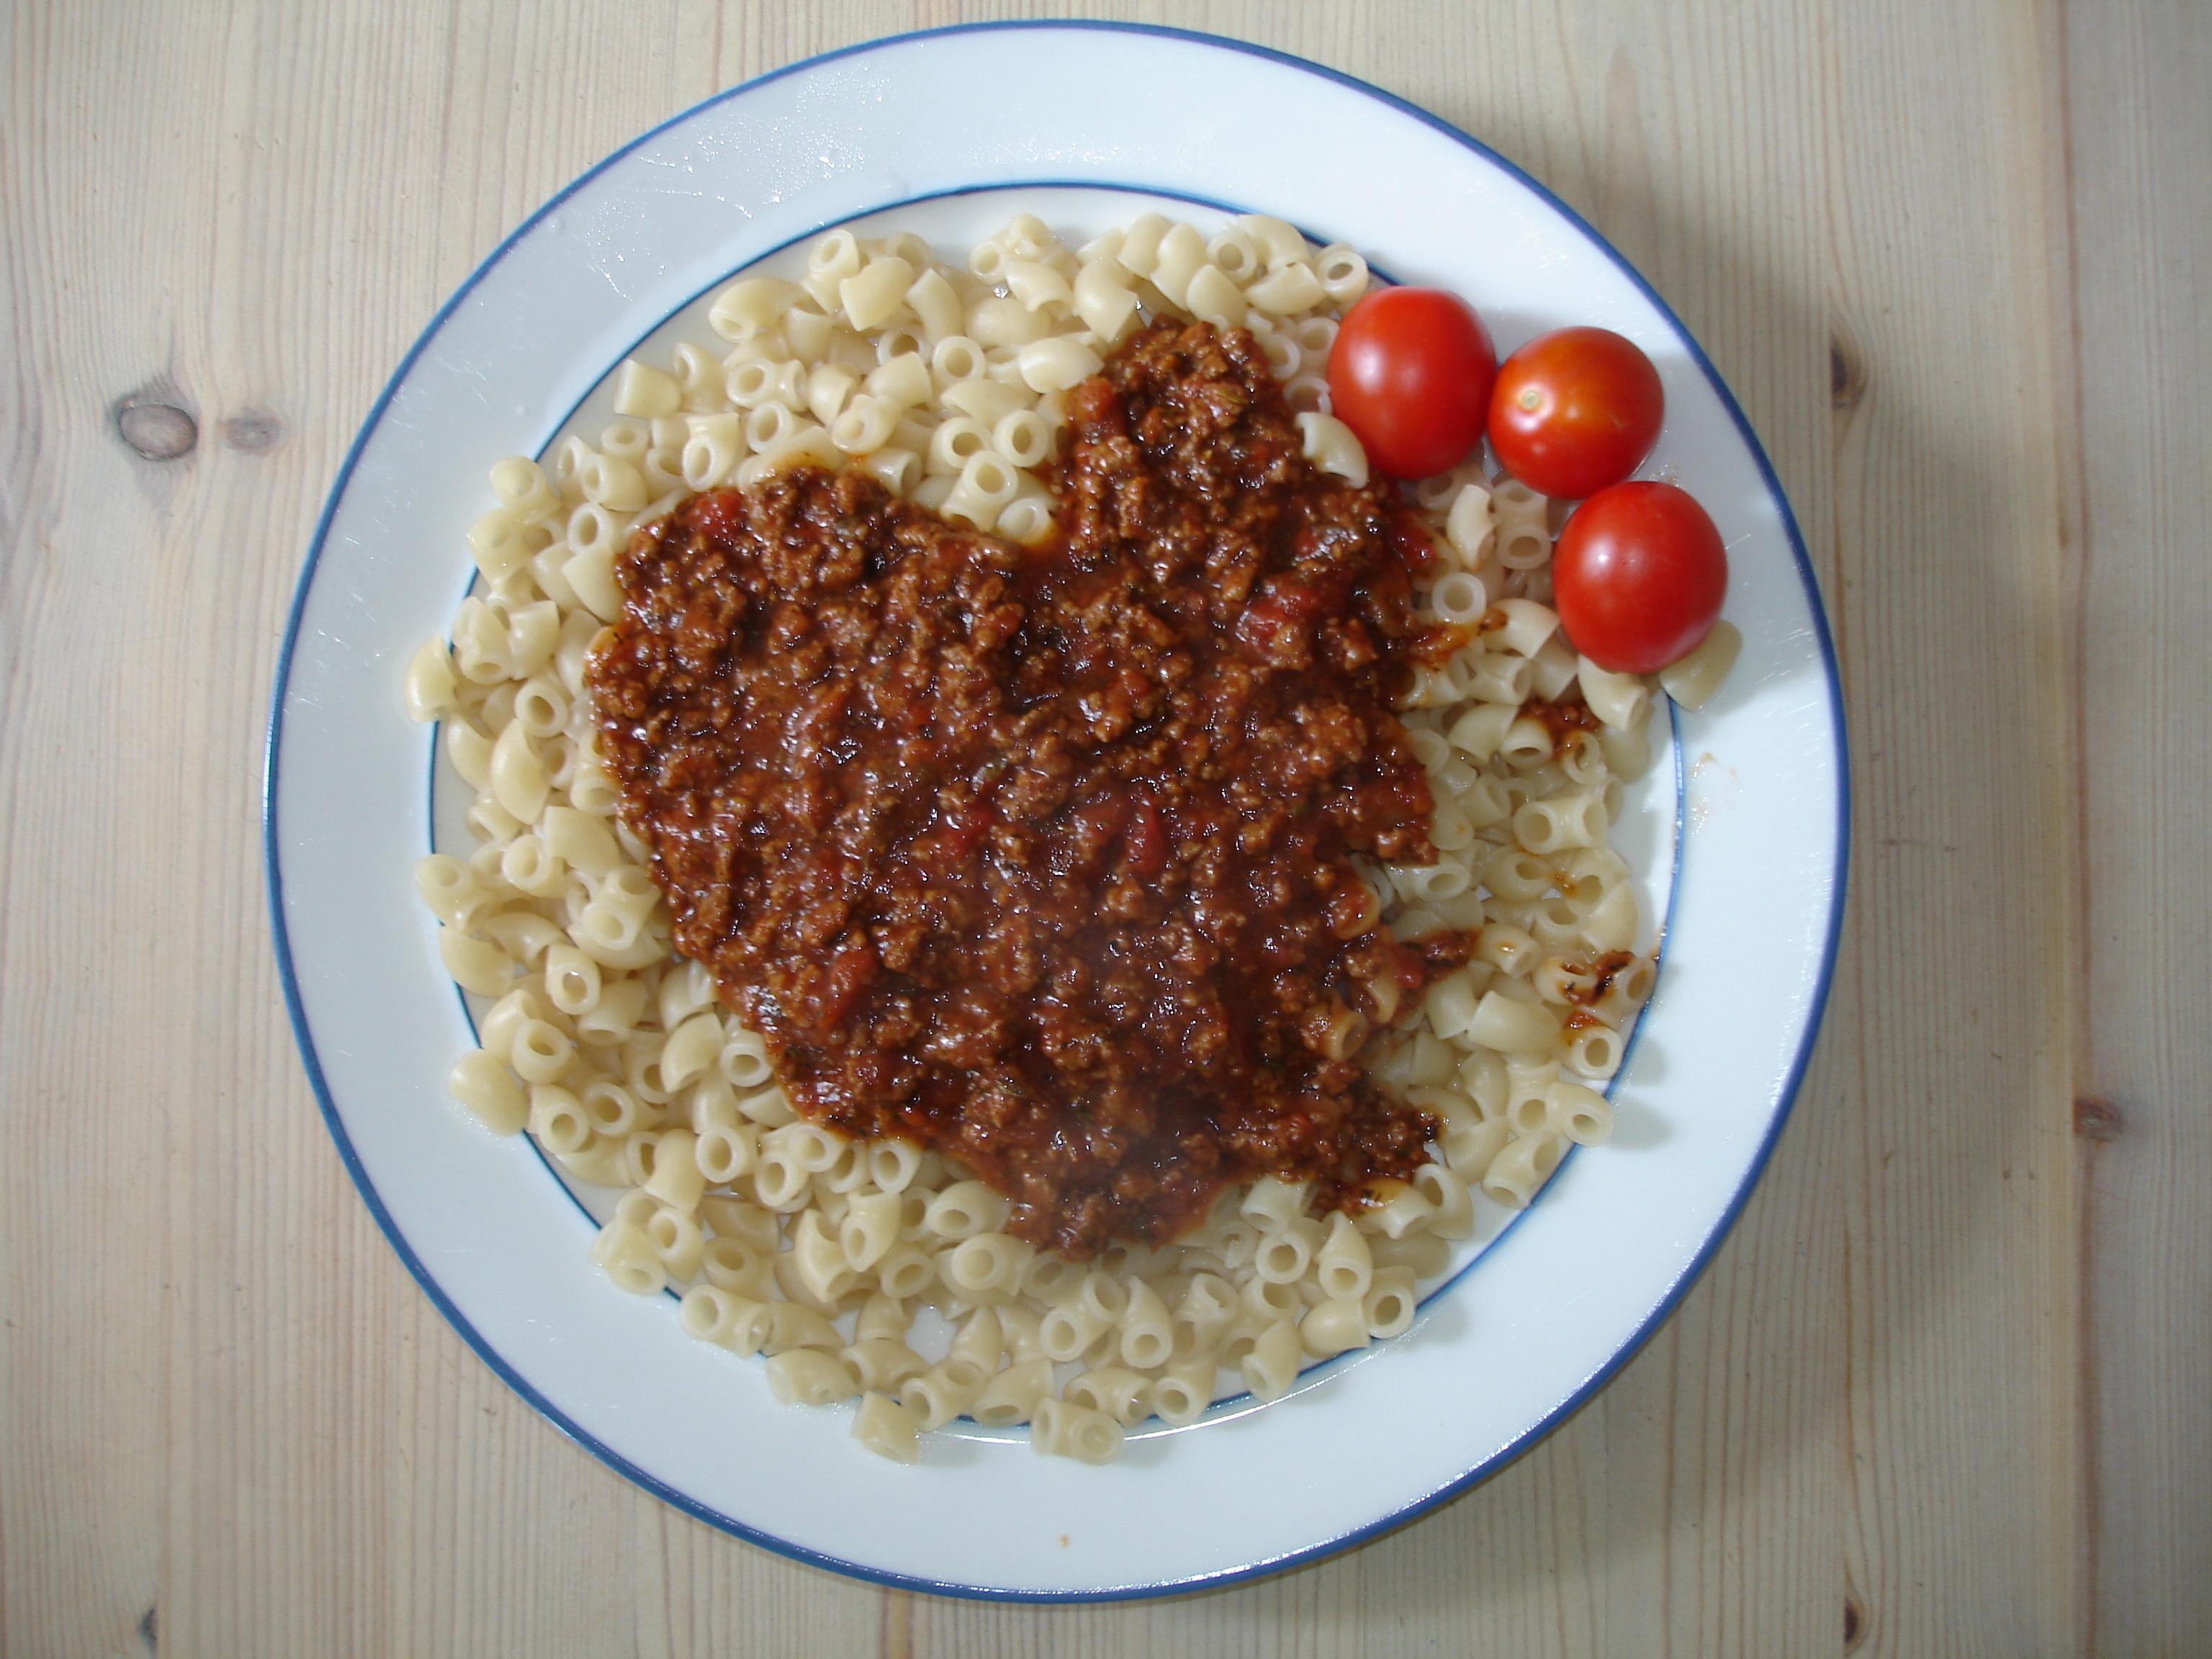 Tinas bästa köttfärssås alternativt vegetarisk